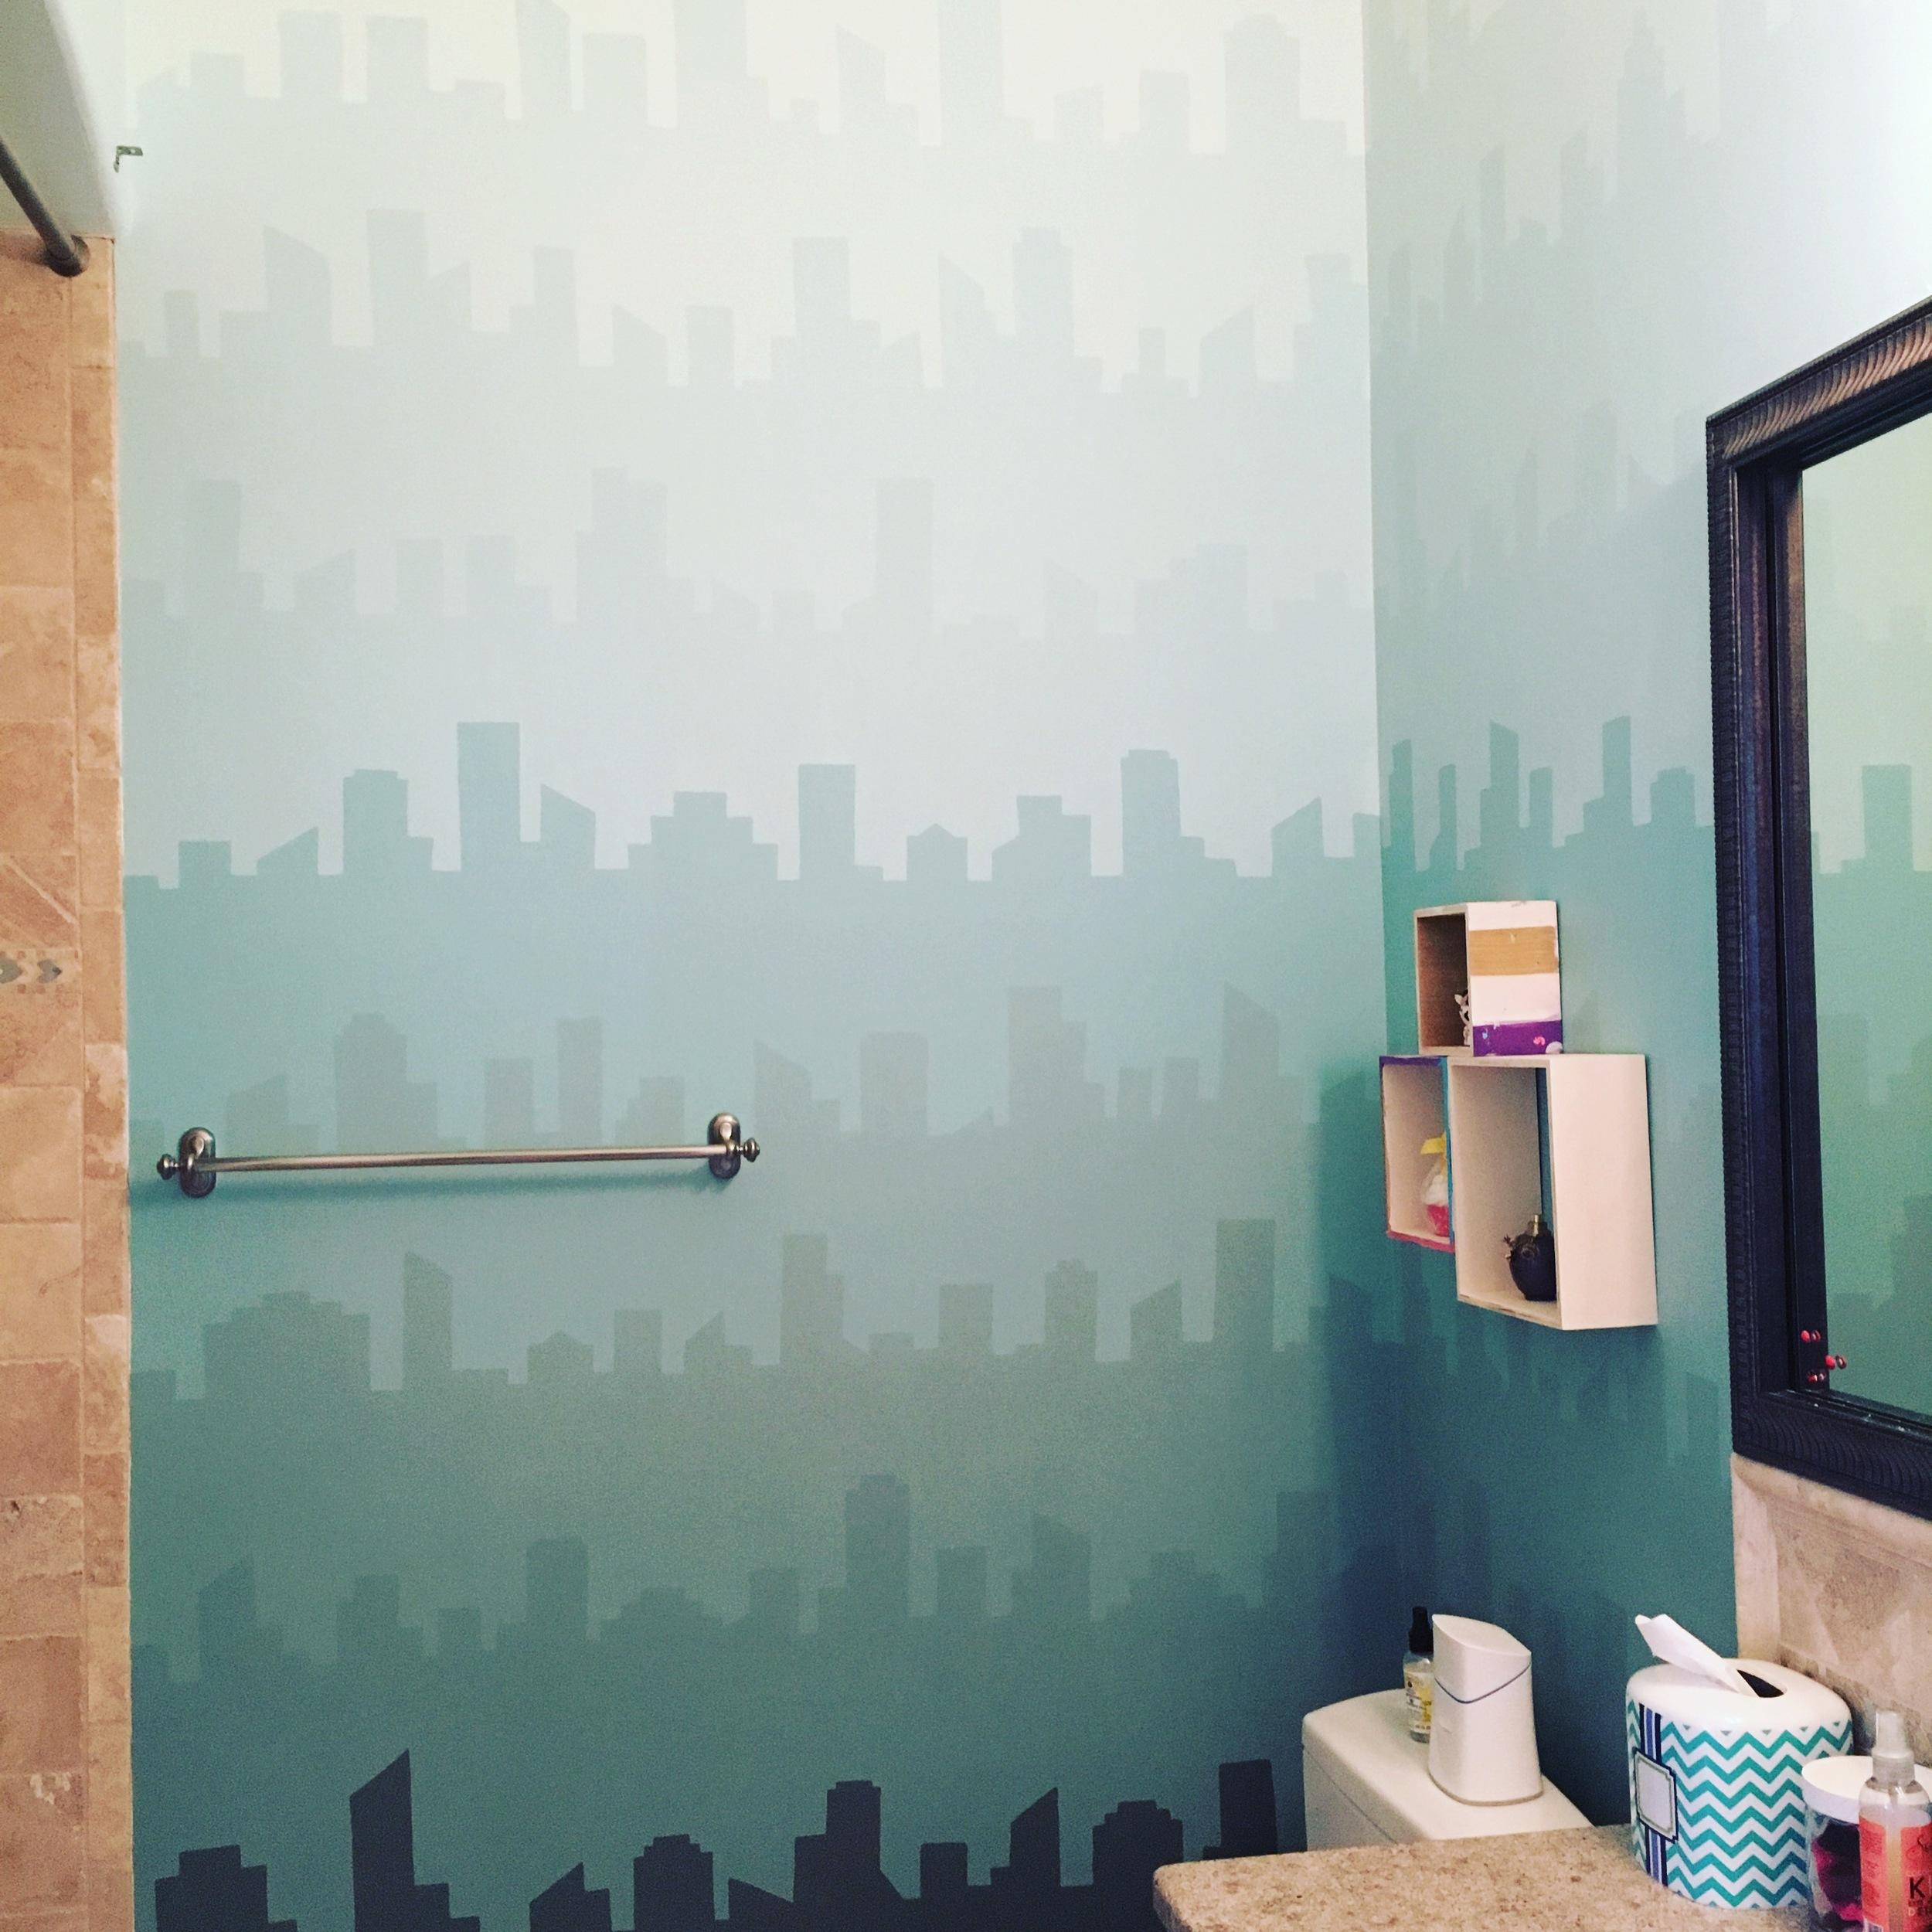 Tween bathroom mural, private residence